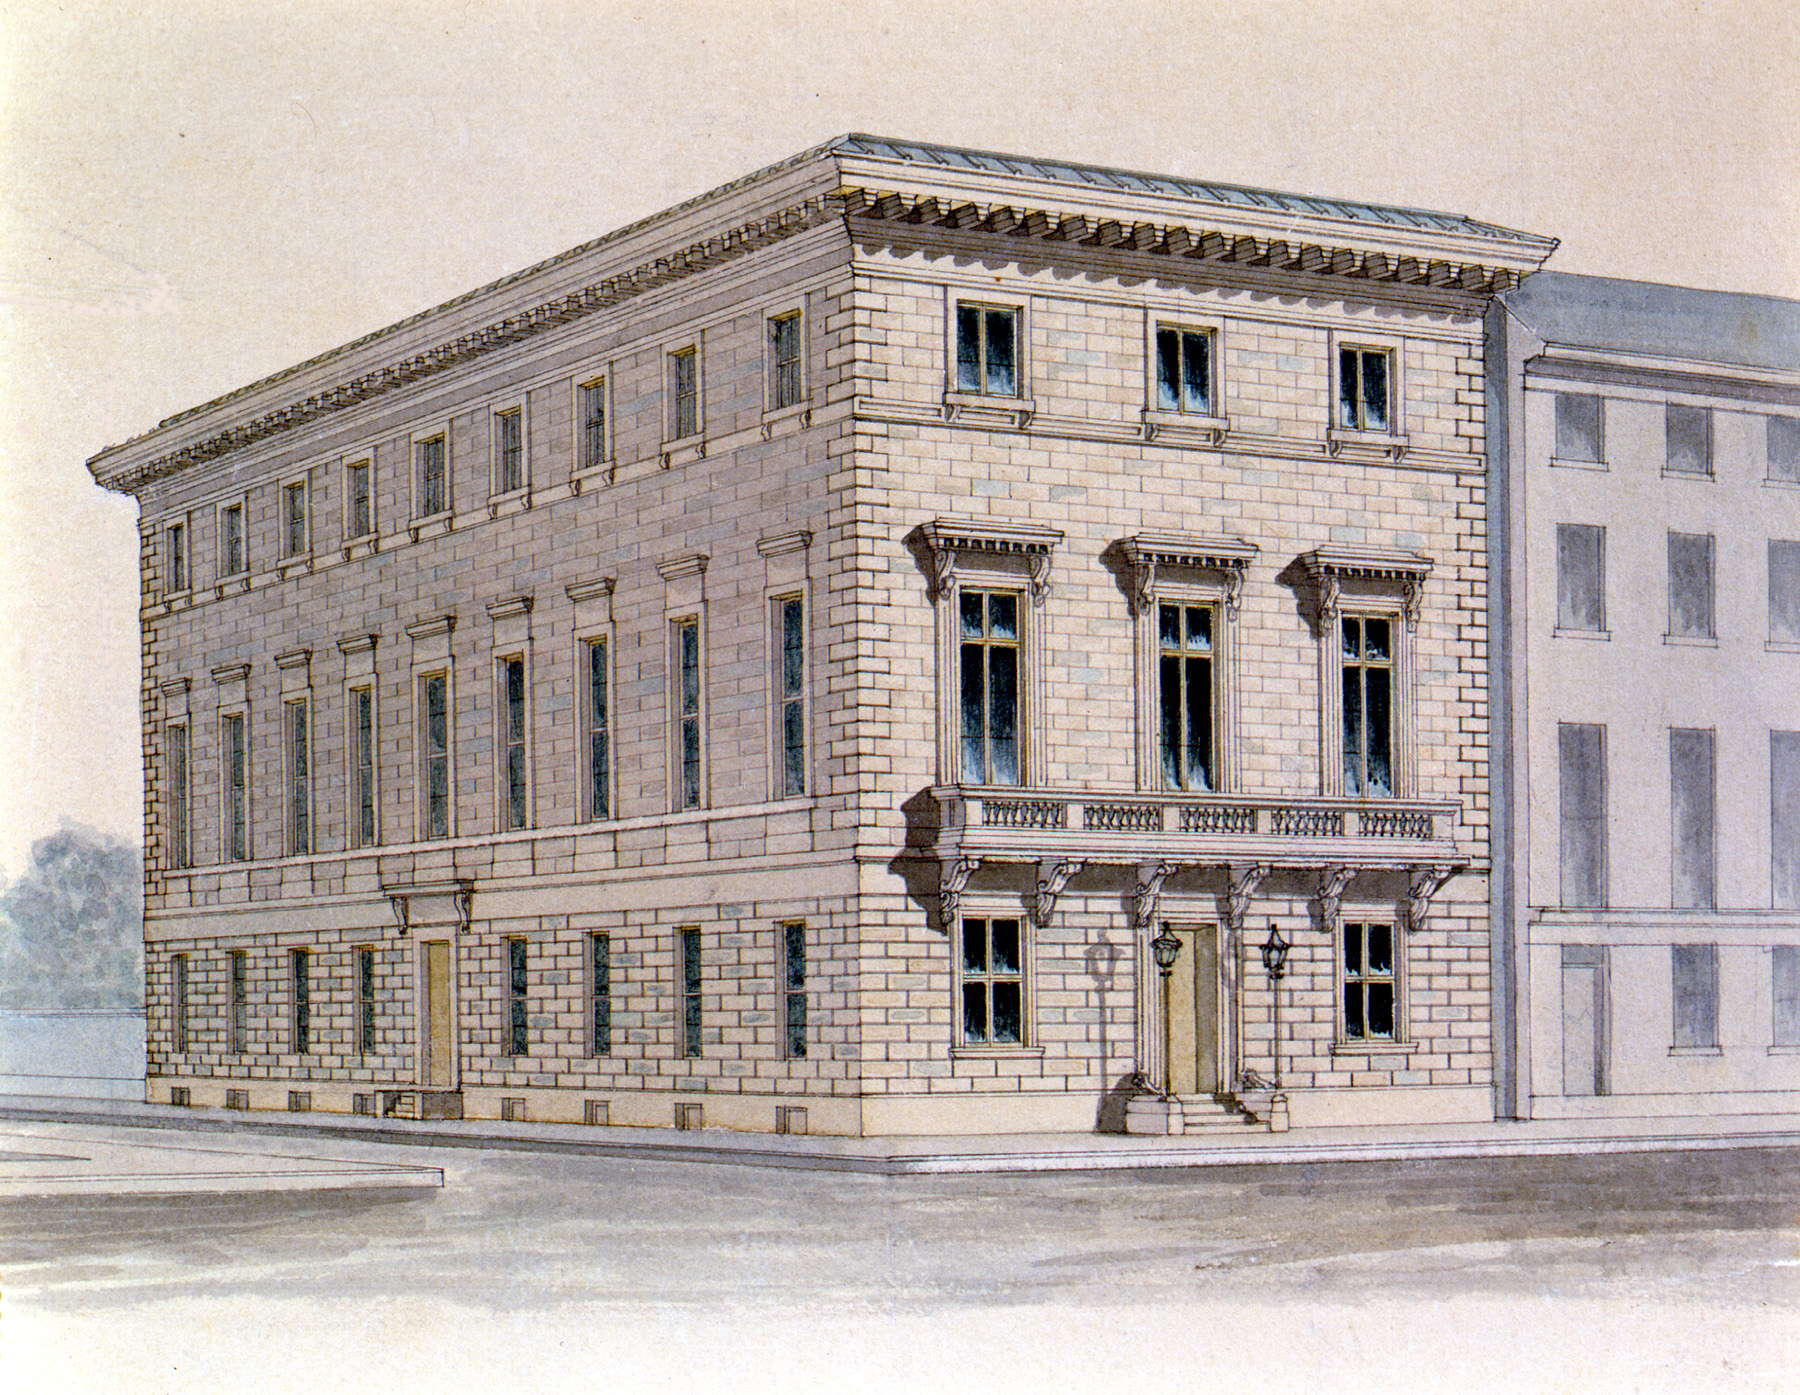 Athenaeum of Philadelphia Photo